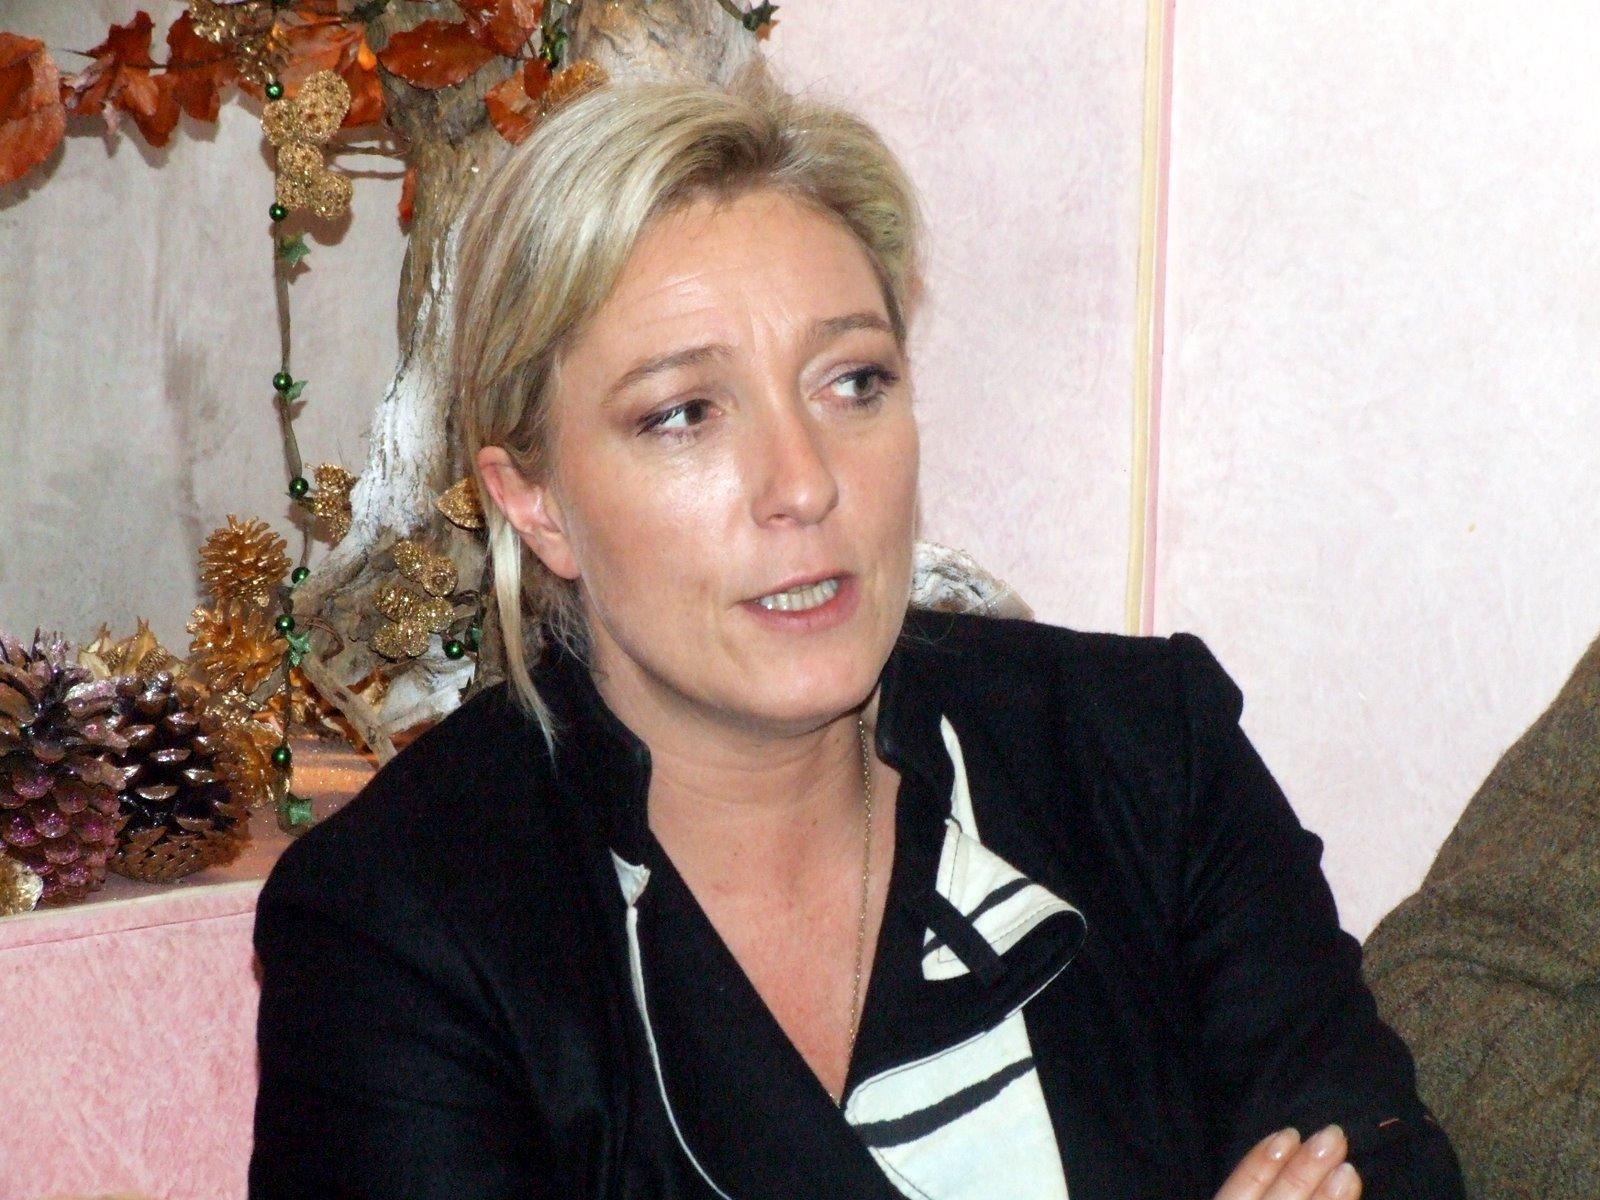 Marine Le Pen 2012 sondage Elections 2012 : Marine Le Pen arriverait en tête du 1 er Tour (Sondages)